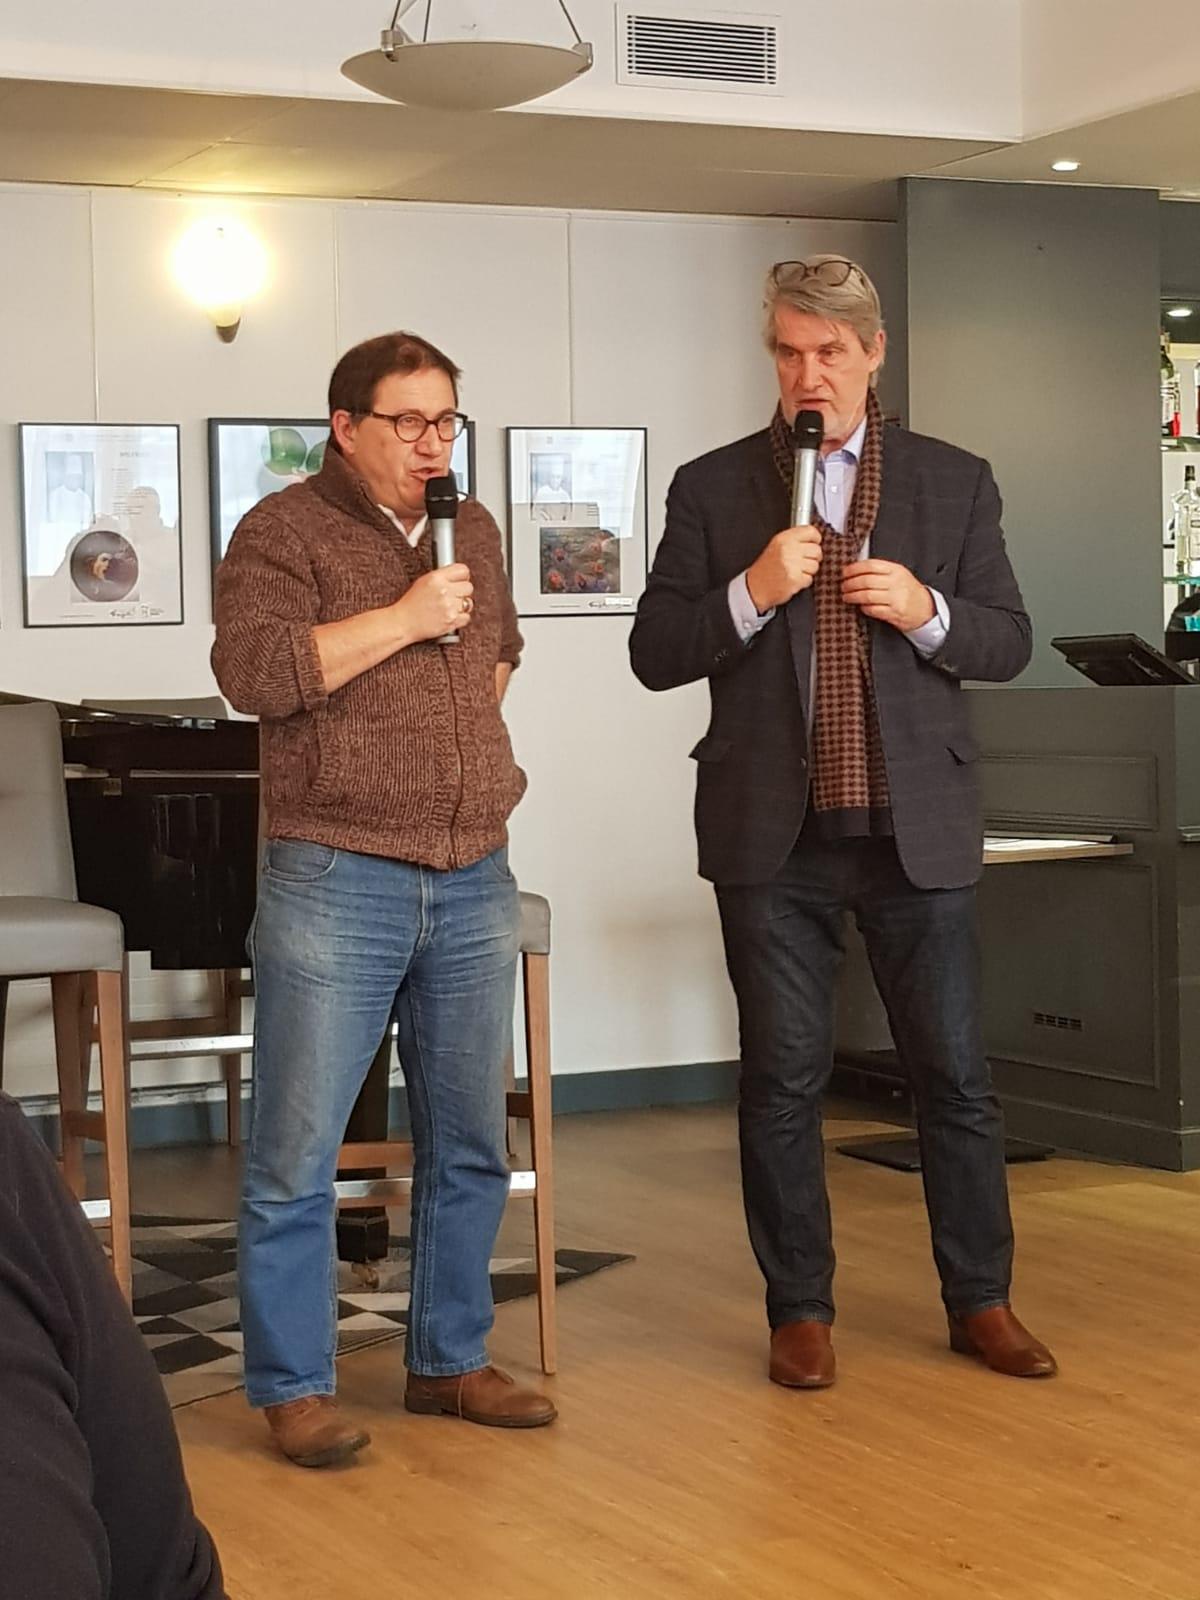 A la suite de sa première intervention au musée du vin en novembre, Max Leguem, fondateur de l'ENA des Cités, est revenu sur ses difficultés à pérenniser la formation qu'il propose dans le cadre de la fédération des MJC. Photo : Tomy